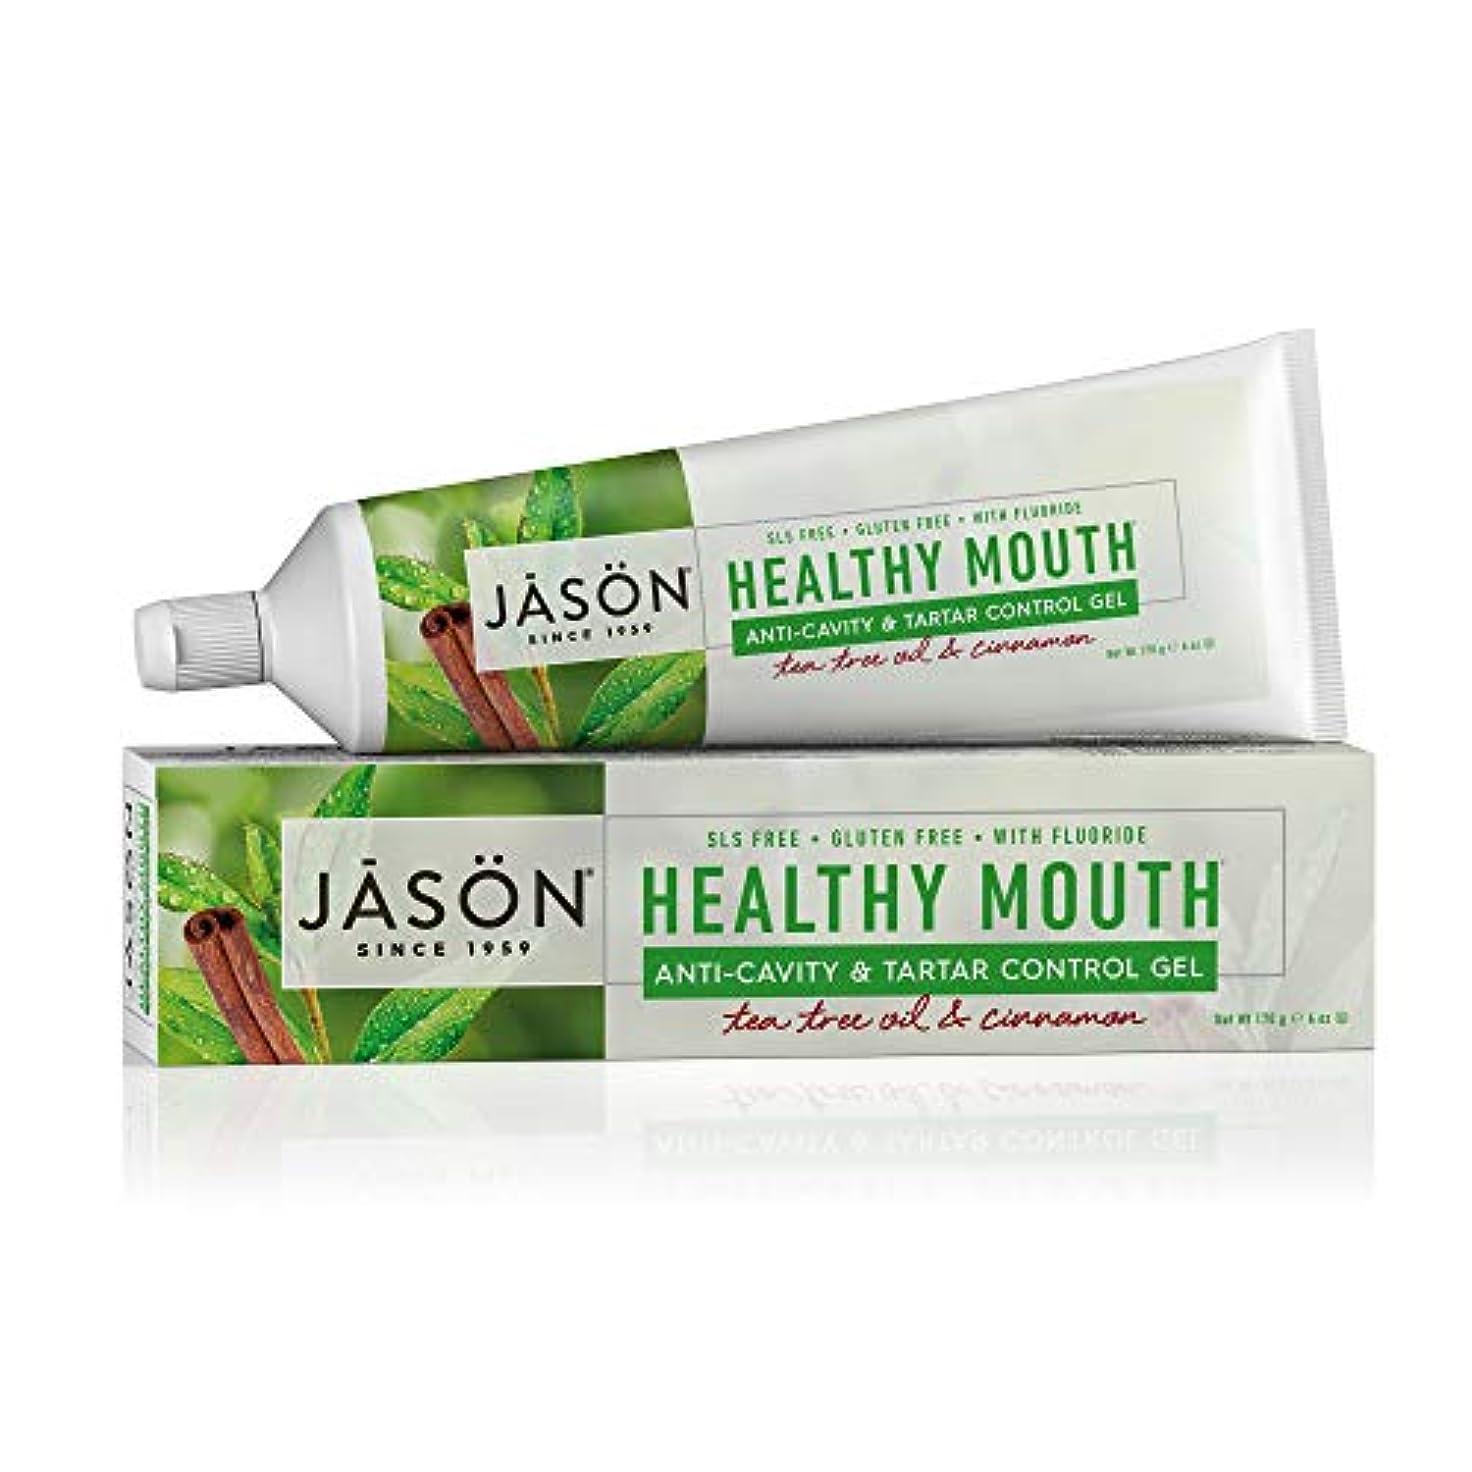 キャップ取り壊す保護Jason 健康な口抗歯垢&タルタルコントロールハミガキティーツリーオイル&シナモン、6オンス